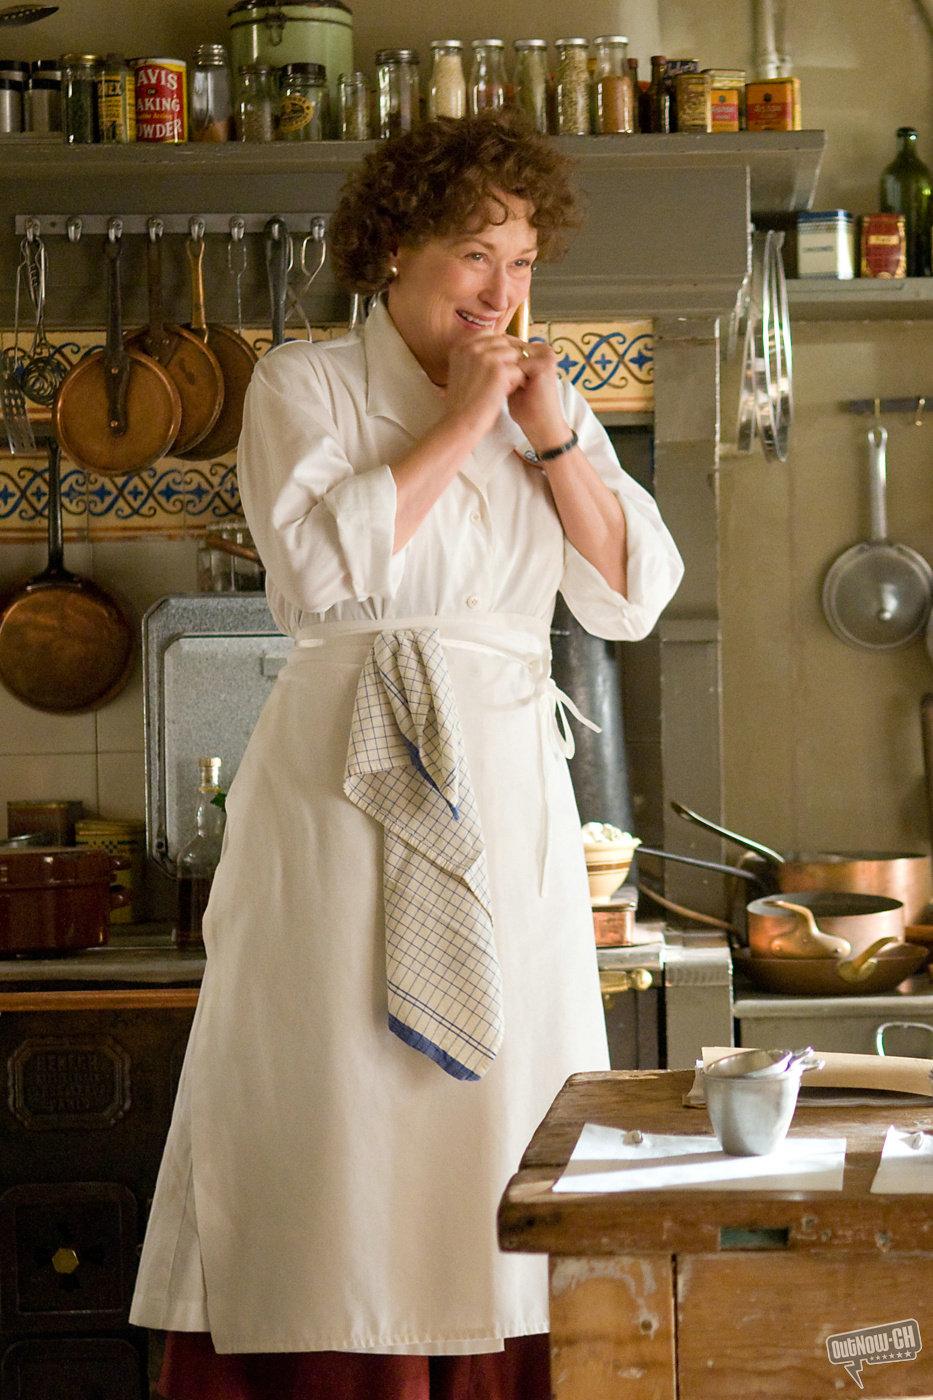 кадры из фильма Джули и Джулия: готовим счастье по рецепту Мерил Стрип,